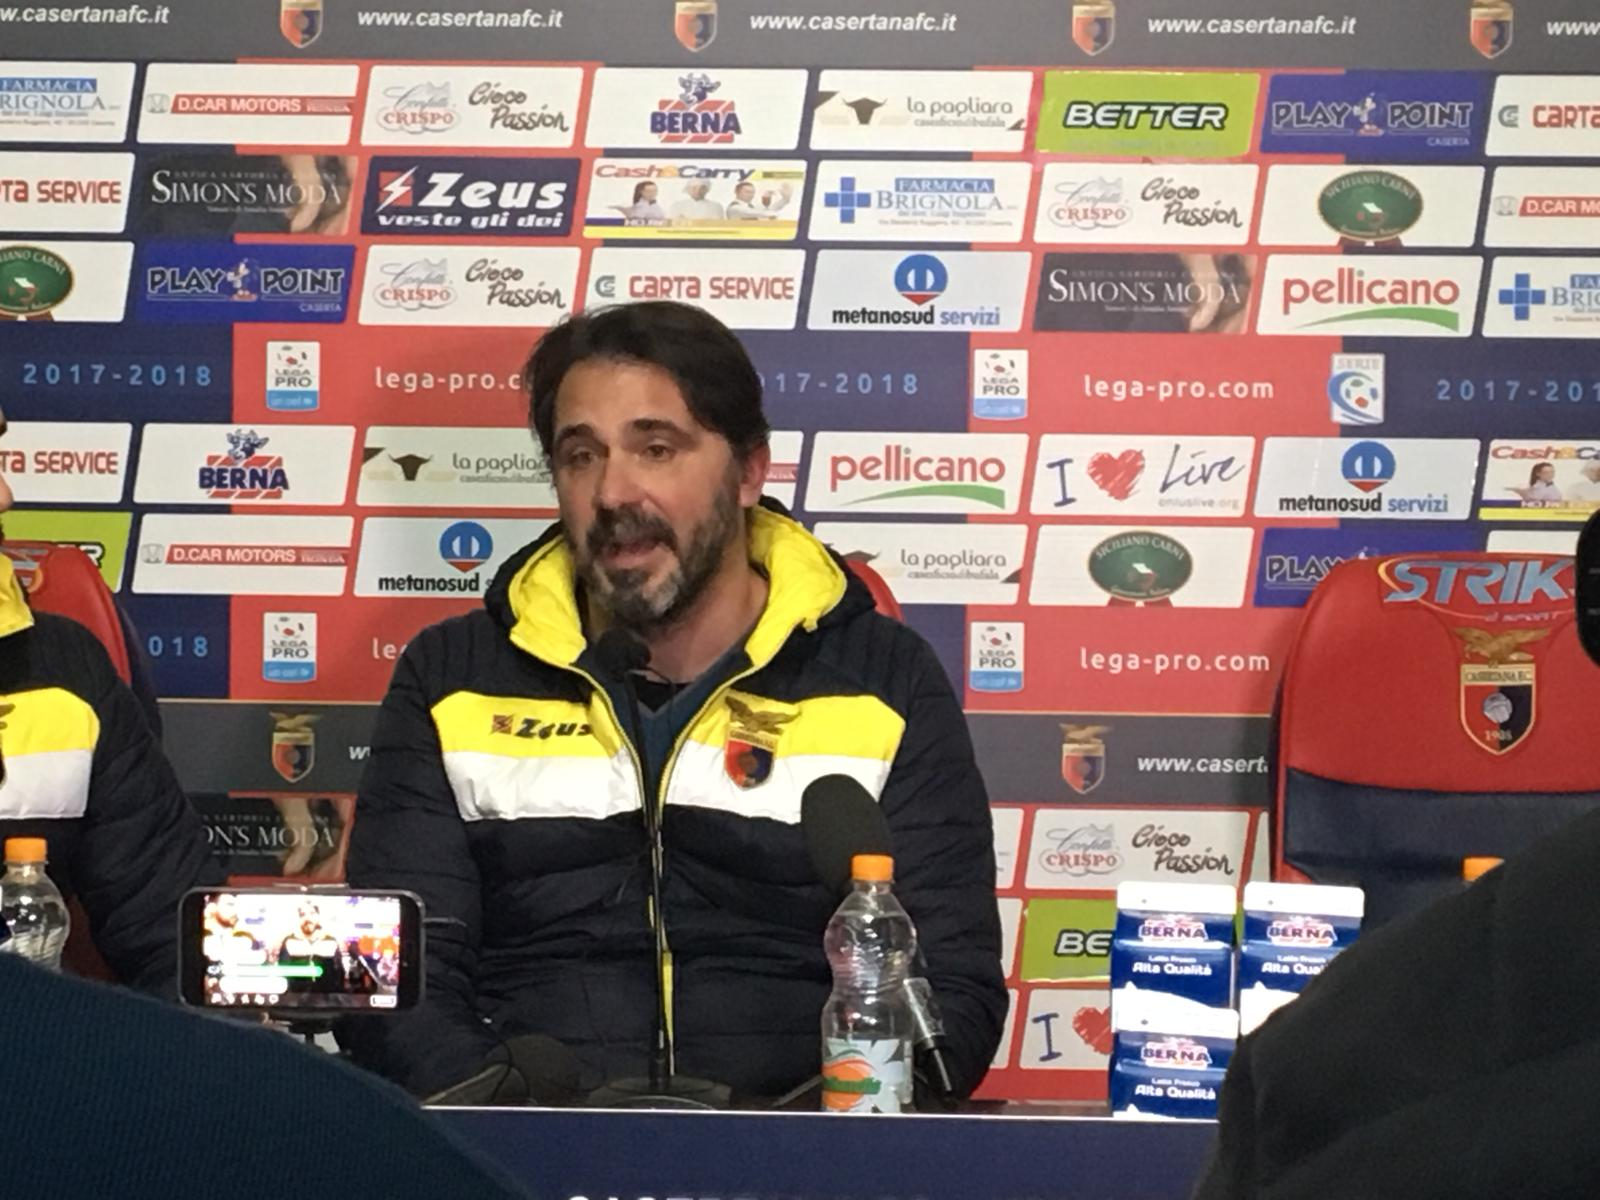 DAngelo Casertana